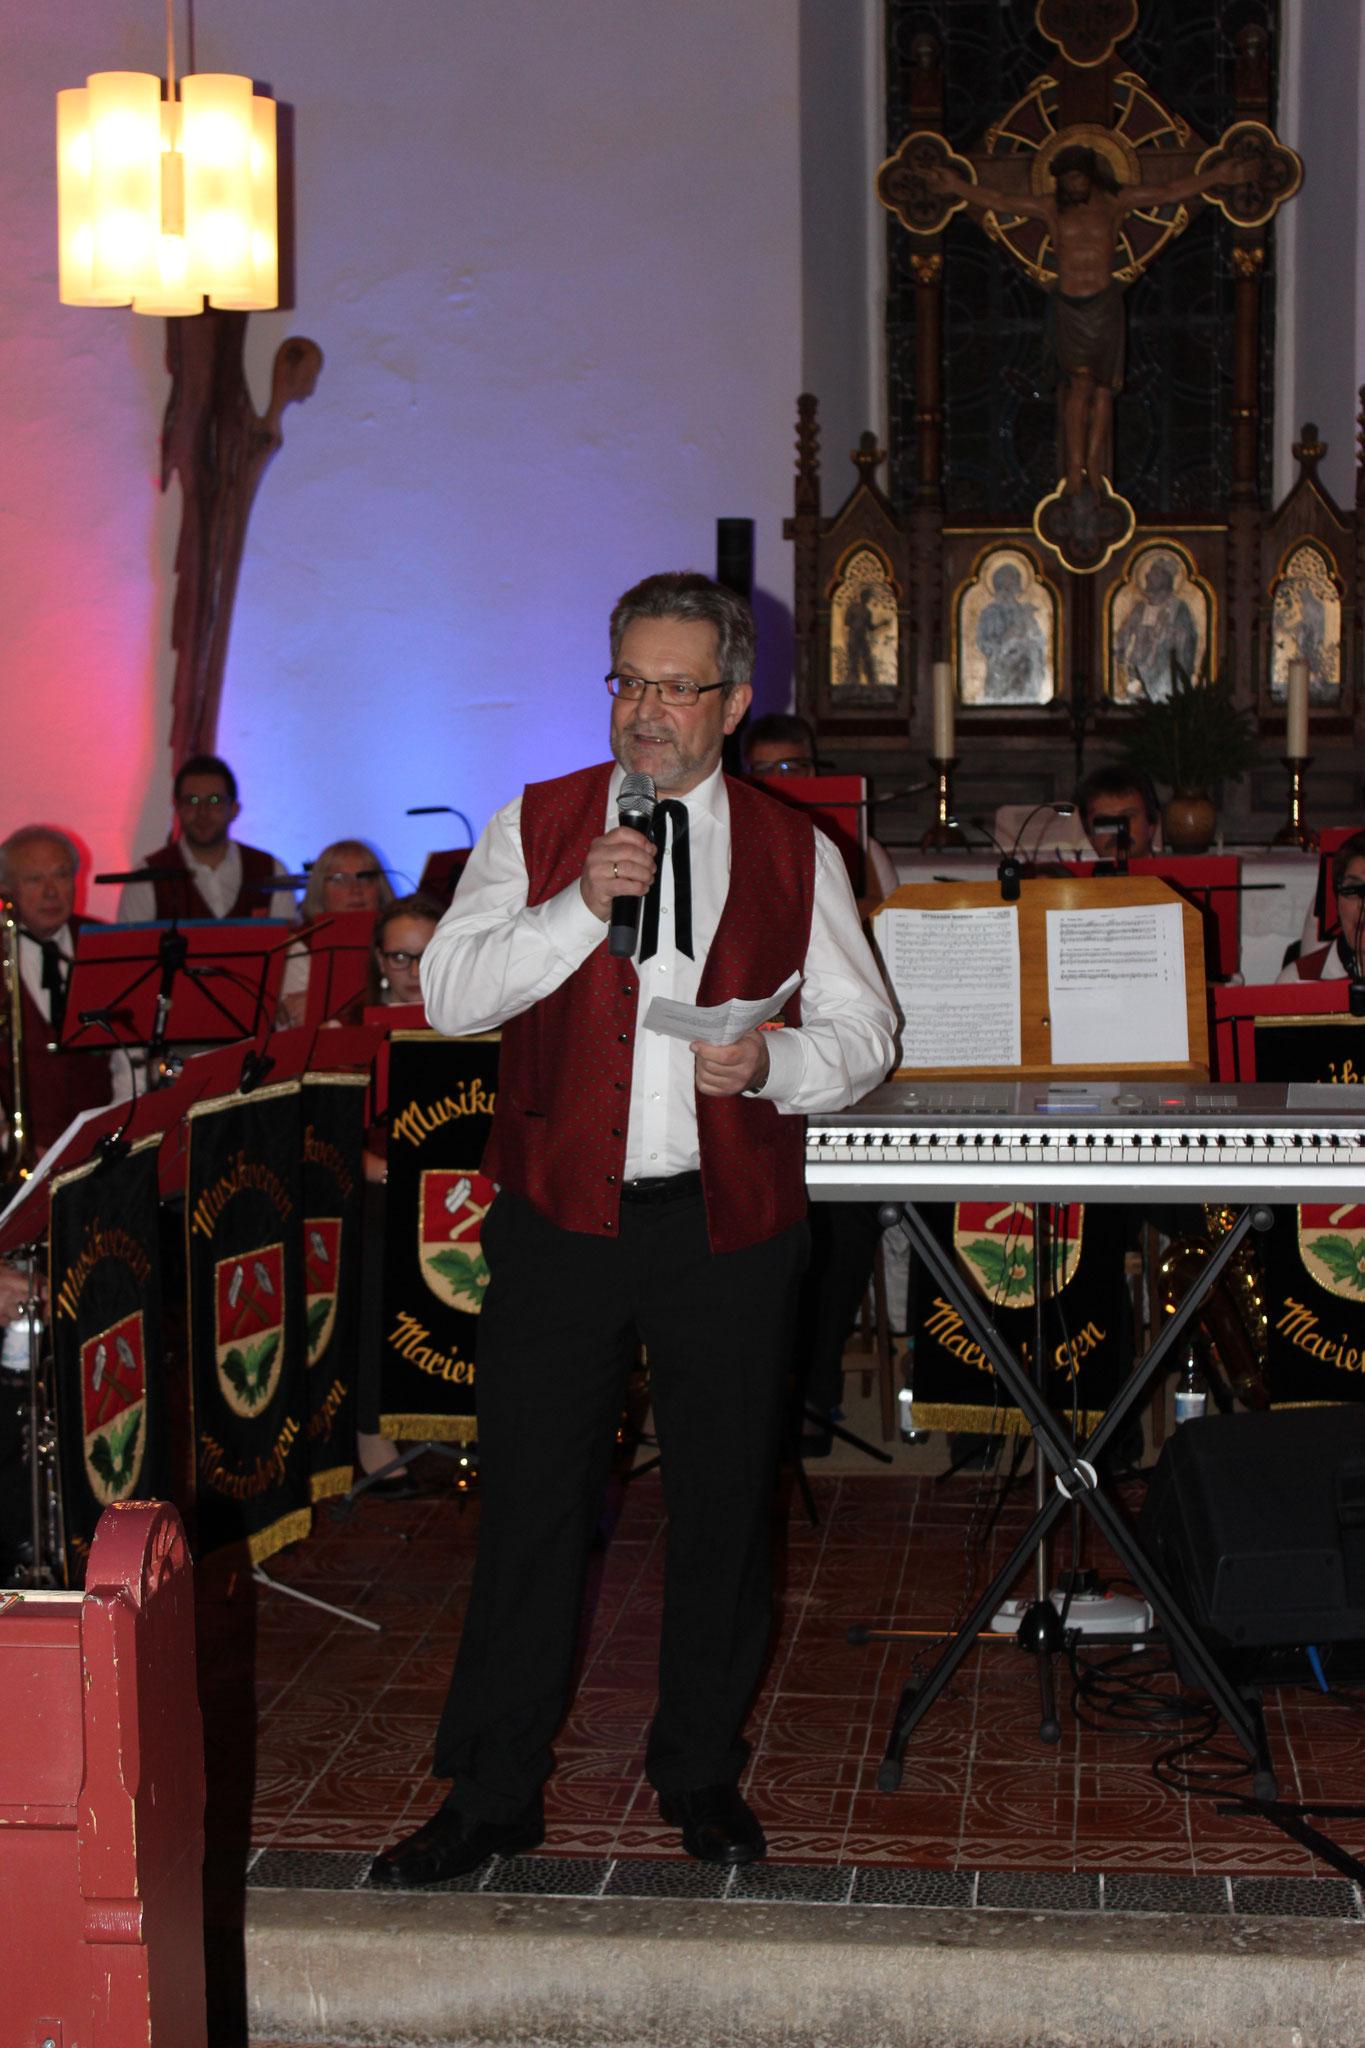 Dieter Friedrich begrüßte die Gäste zum Jahresabschlusskonzert 2018